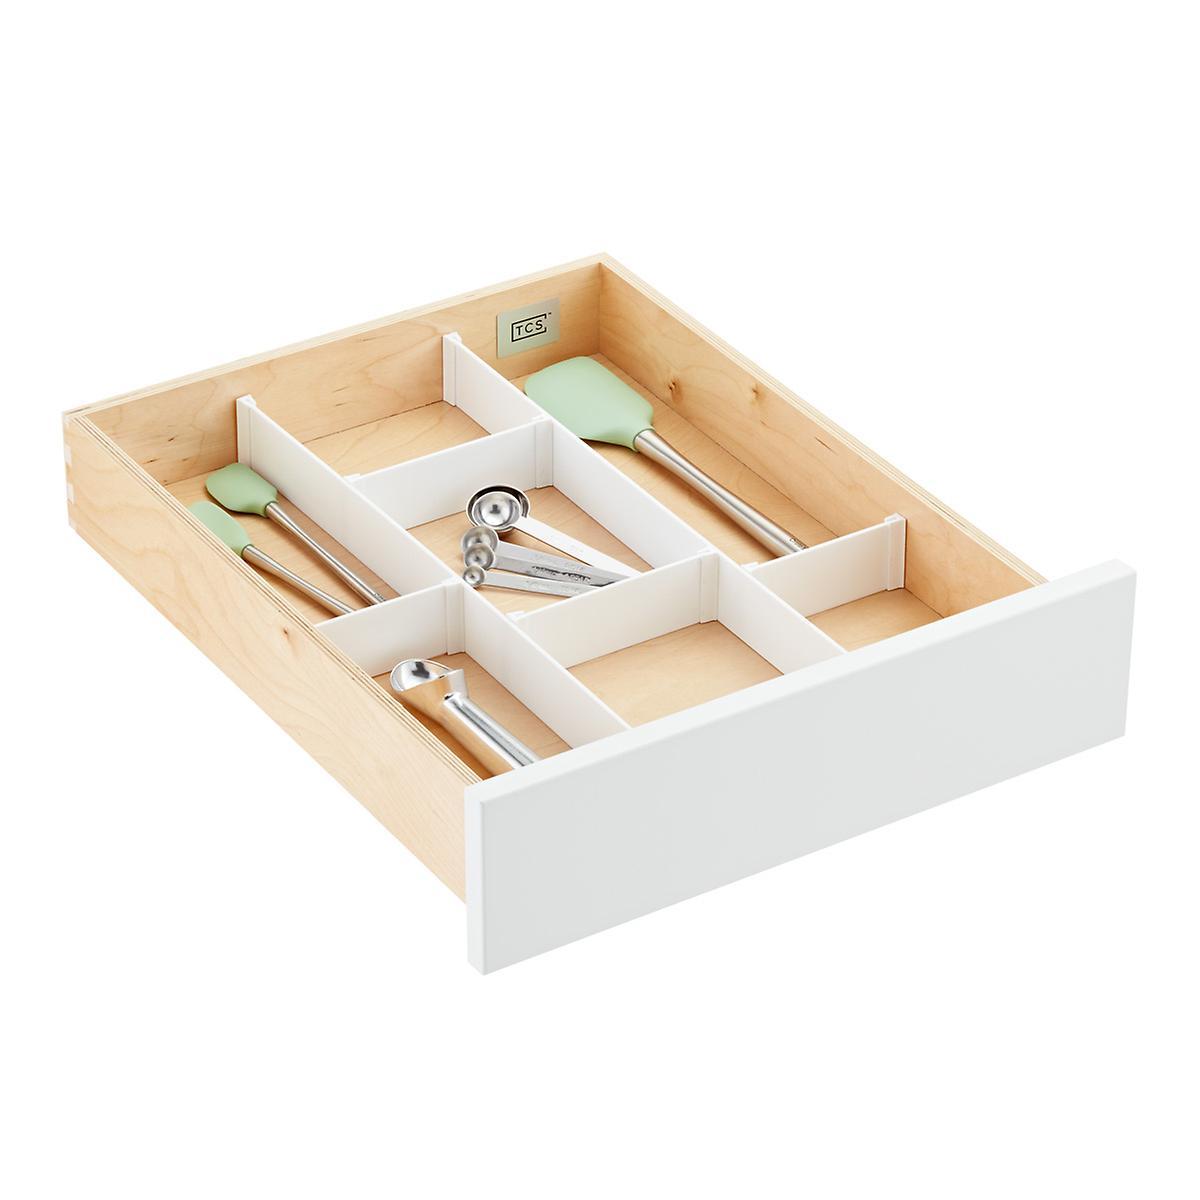 Dresser Drawer Dividers Diy Home Design Ideas